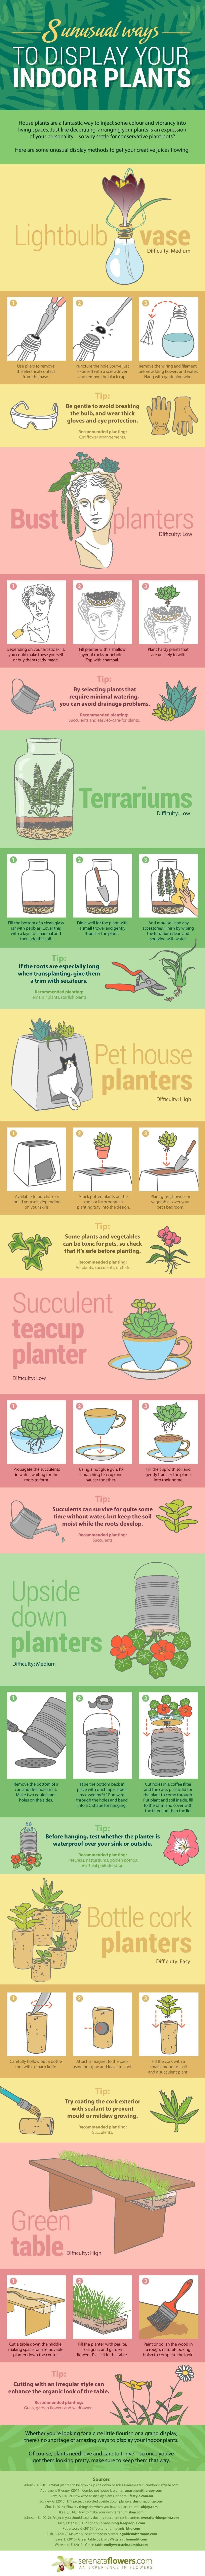 8 Special ways to display indoor plants #infographic